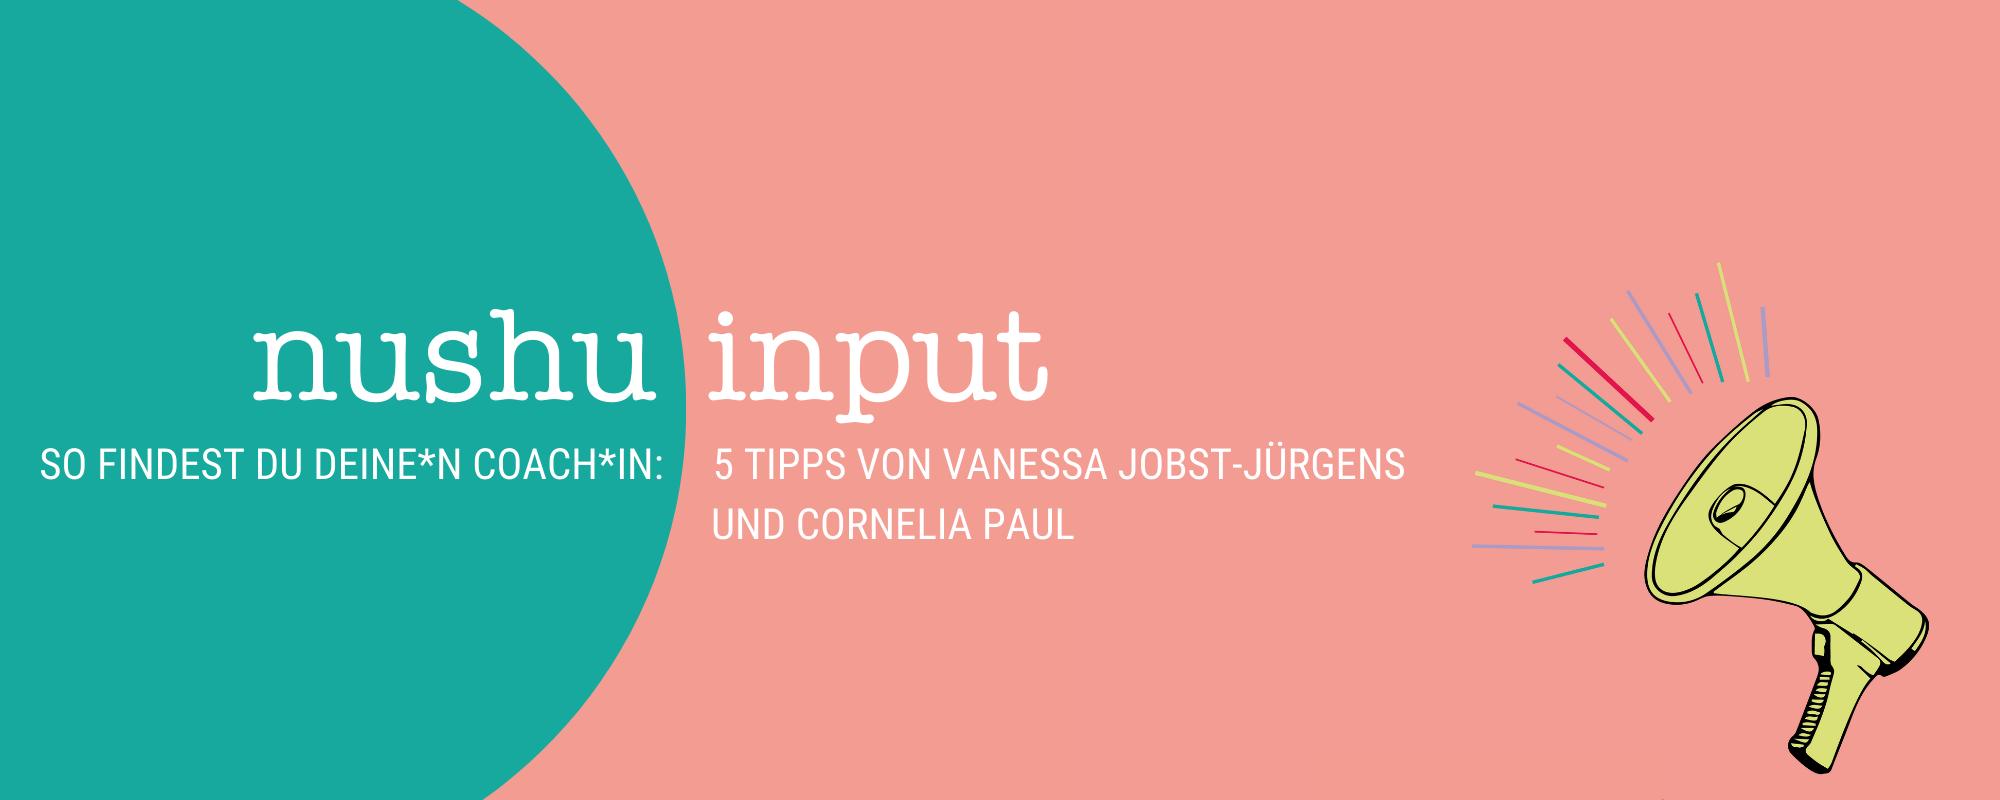 nushu input: So findest du dein*e Coach*in von Vanessa Jobst-Jürgens und Cornelia Paul